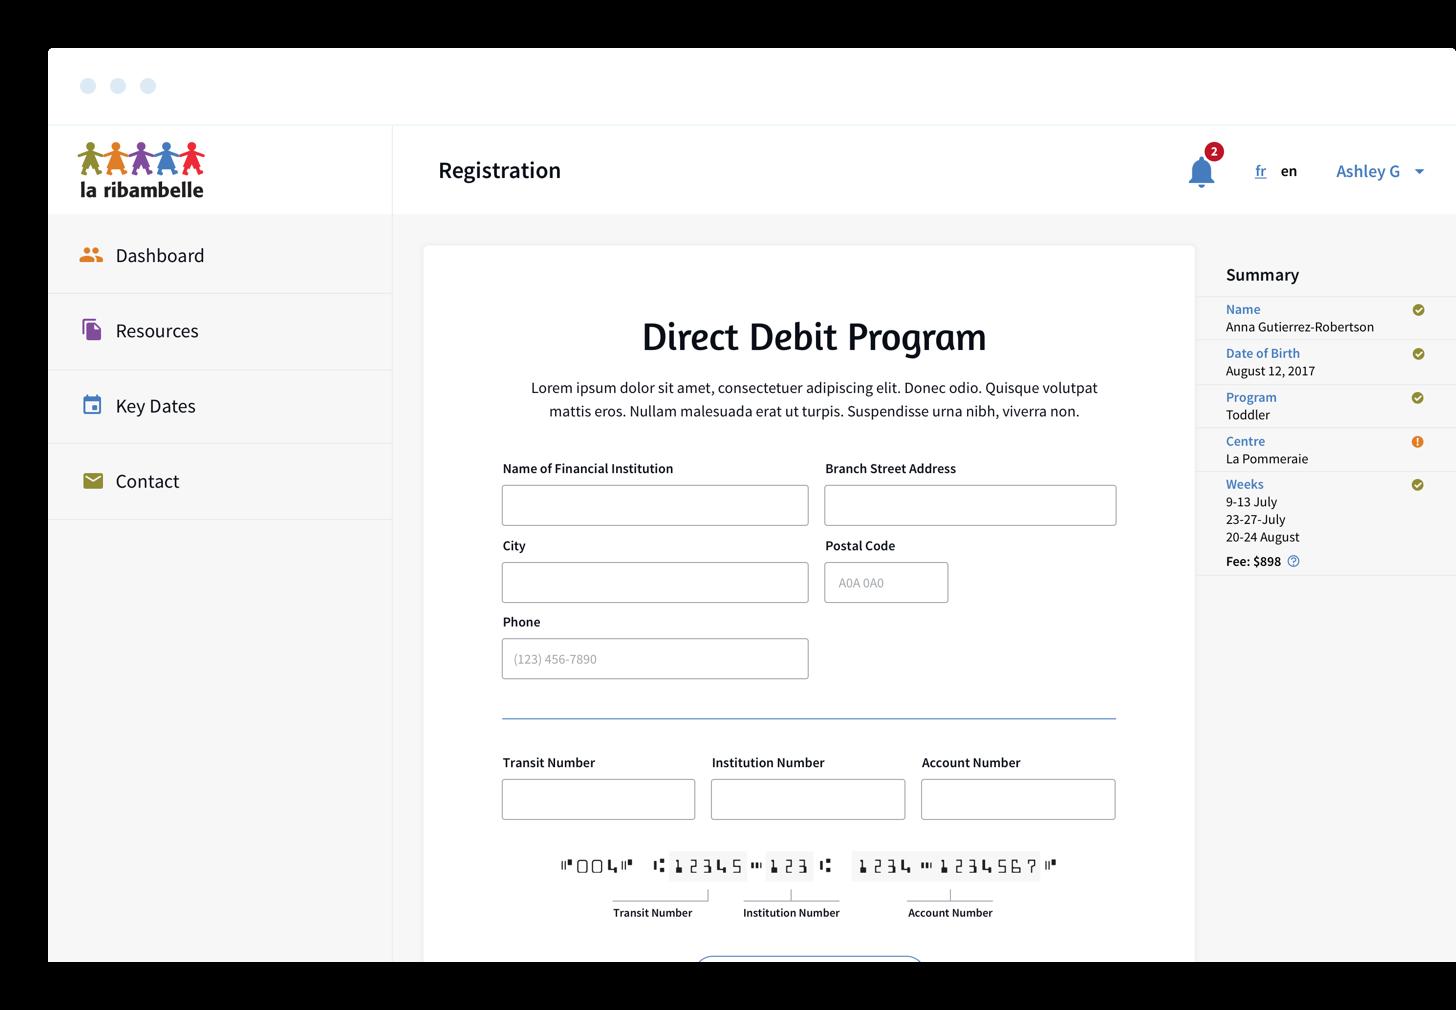 La Ribambelle registration form loaded on a desktop browser